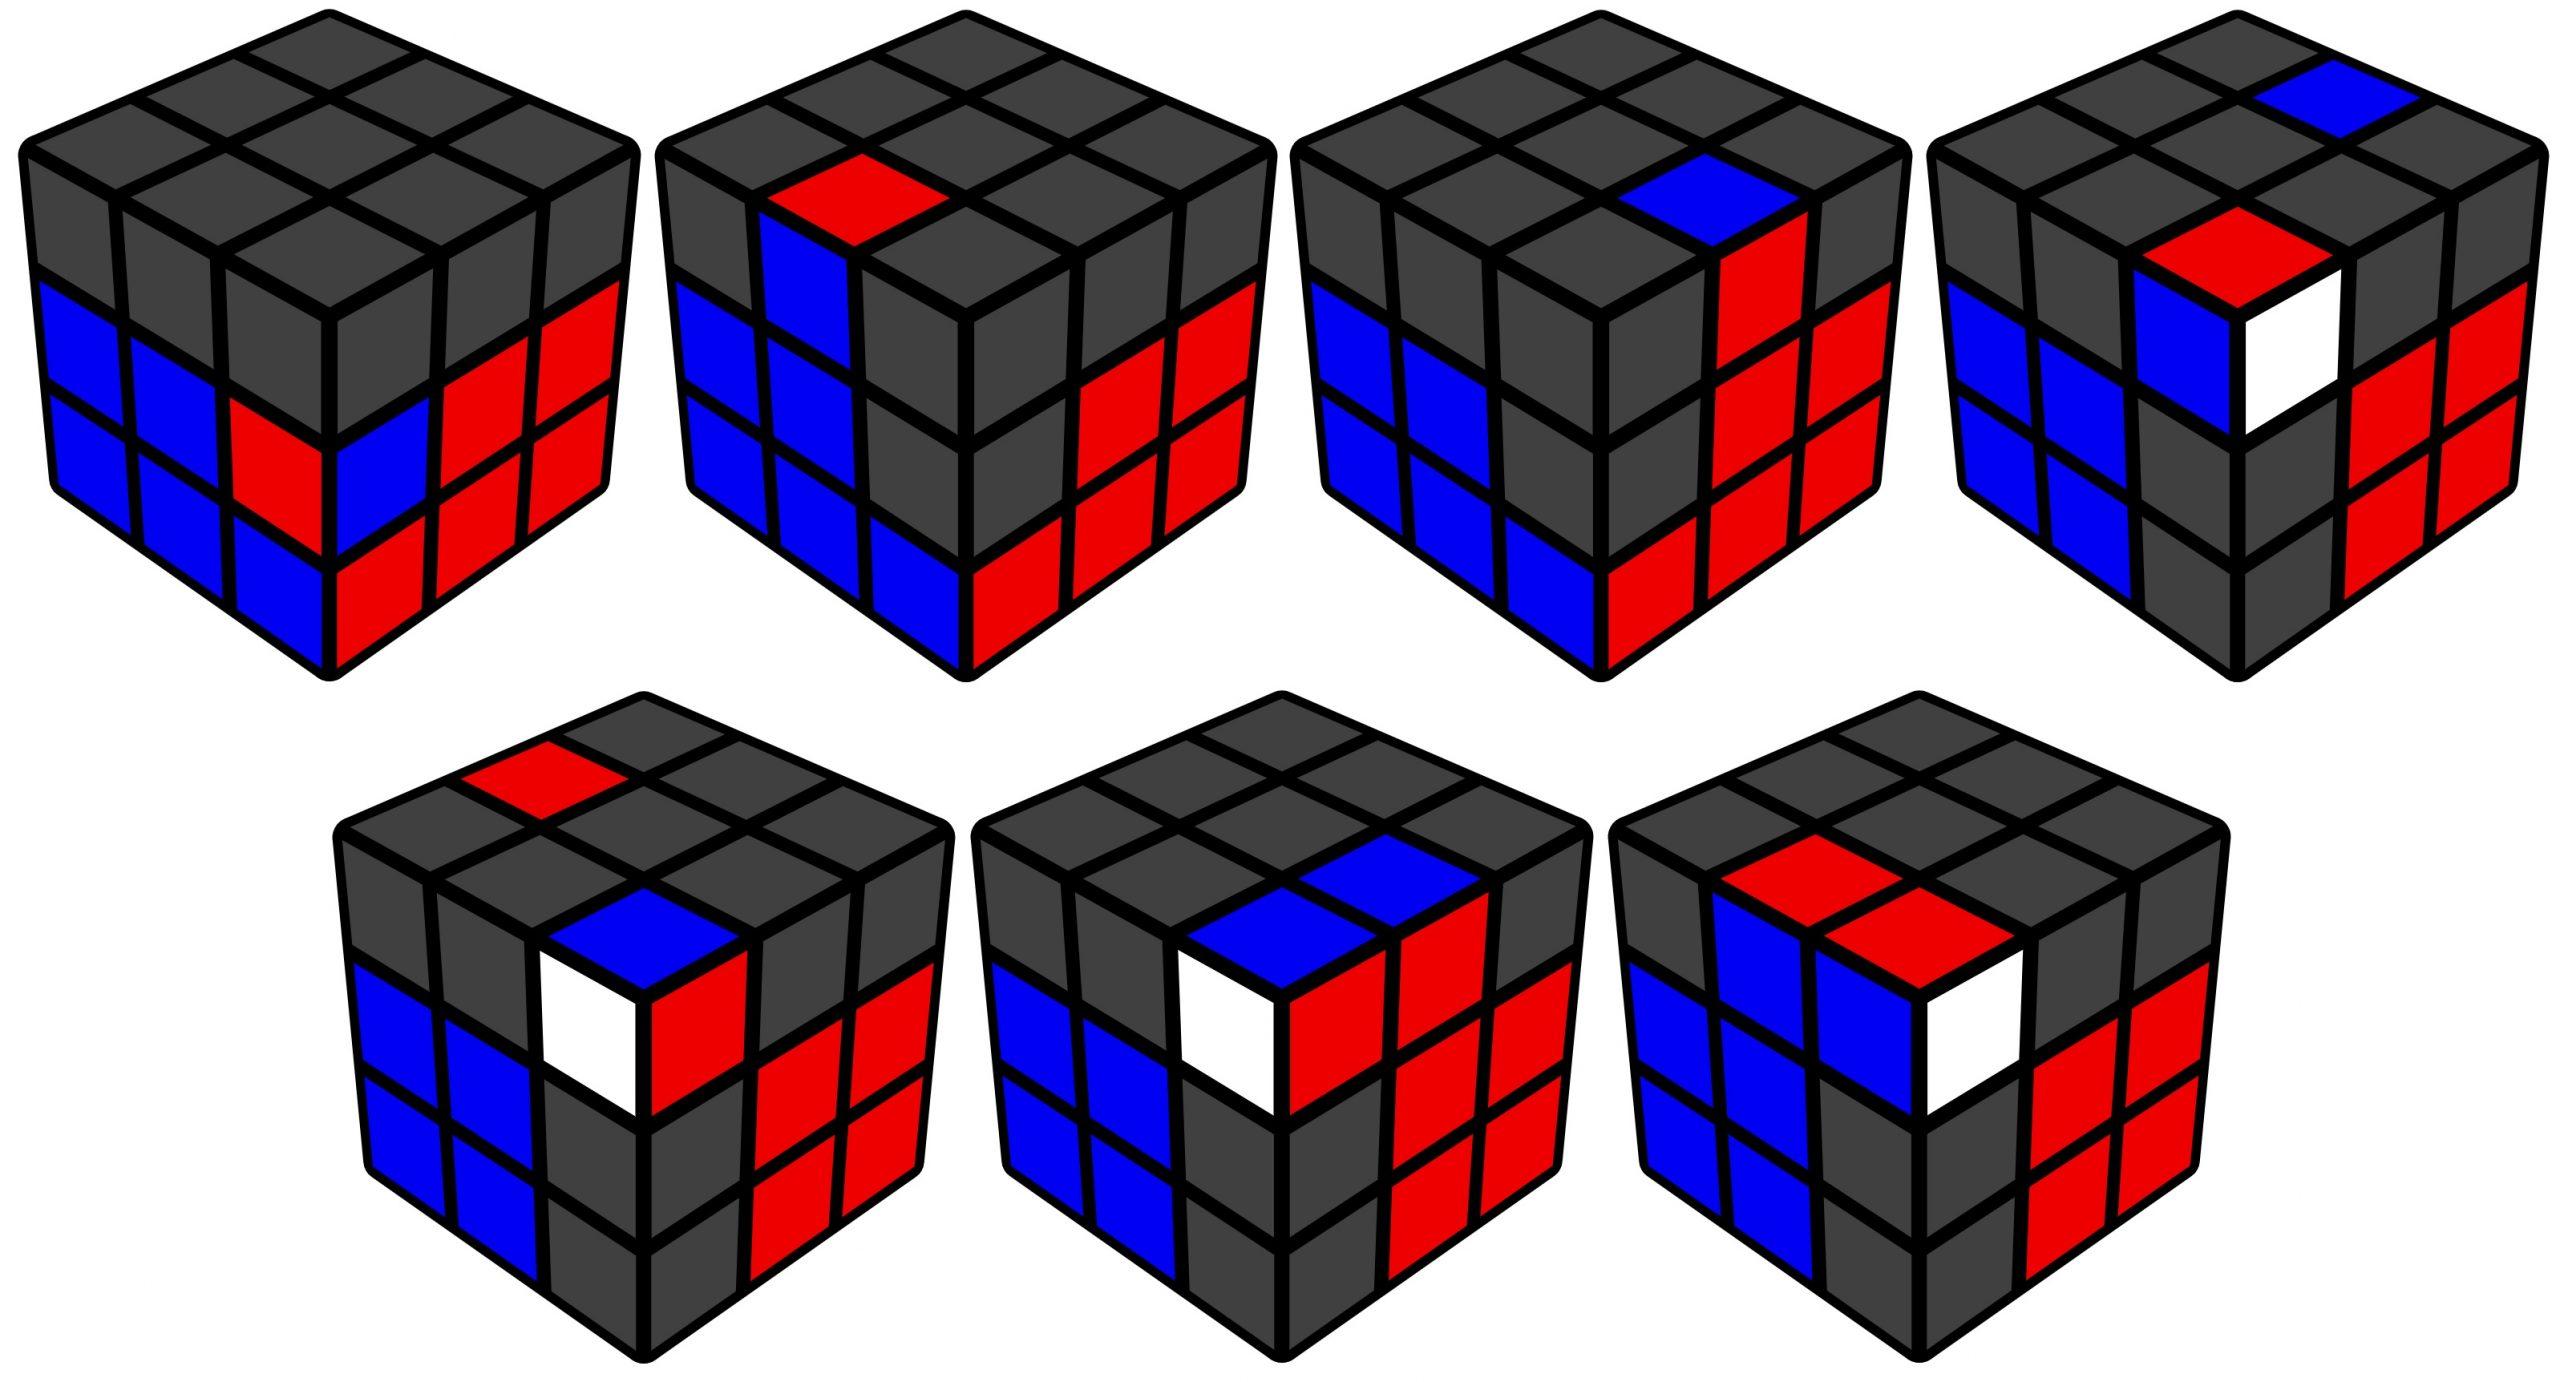 F2L: D3. F3, E3, Pesca dir e esq, I2, I1